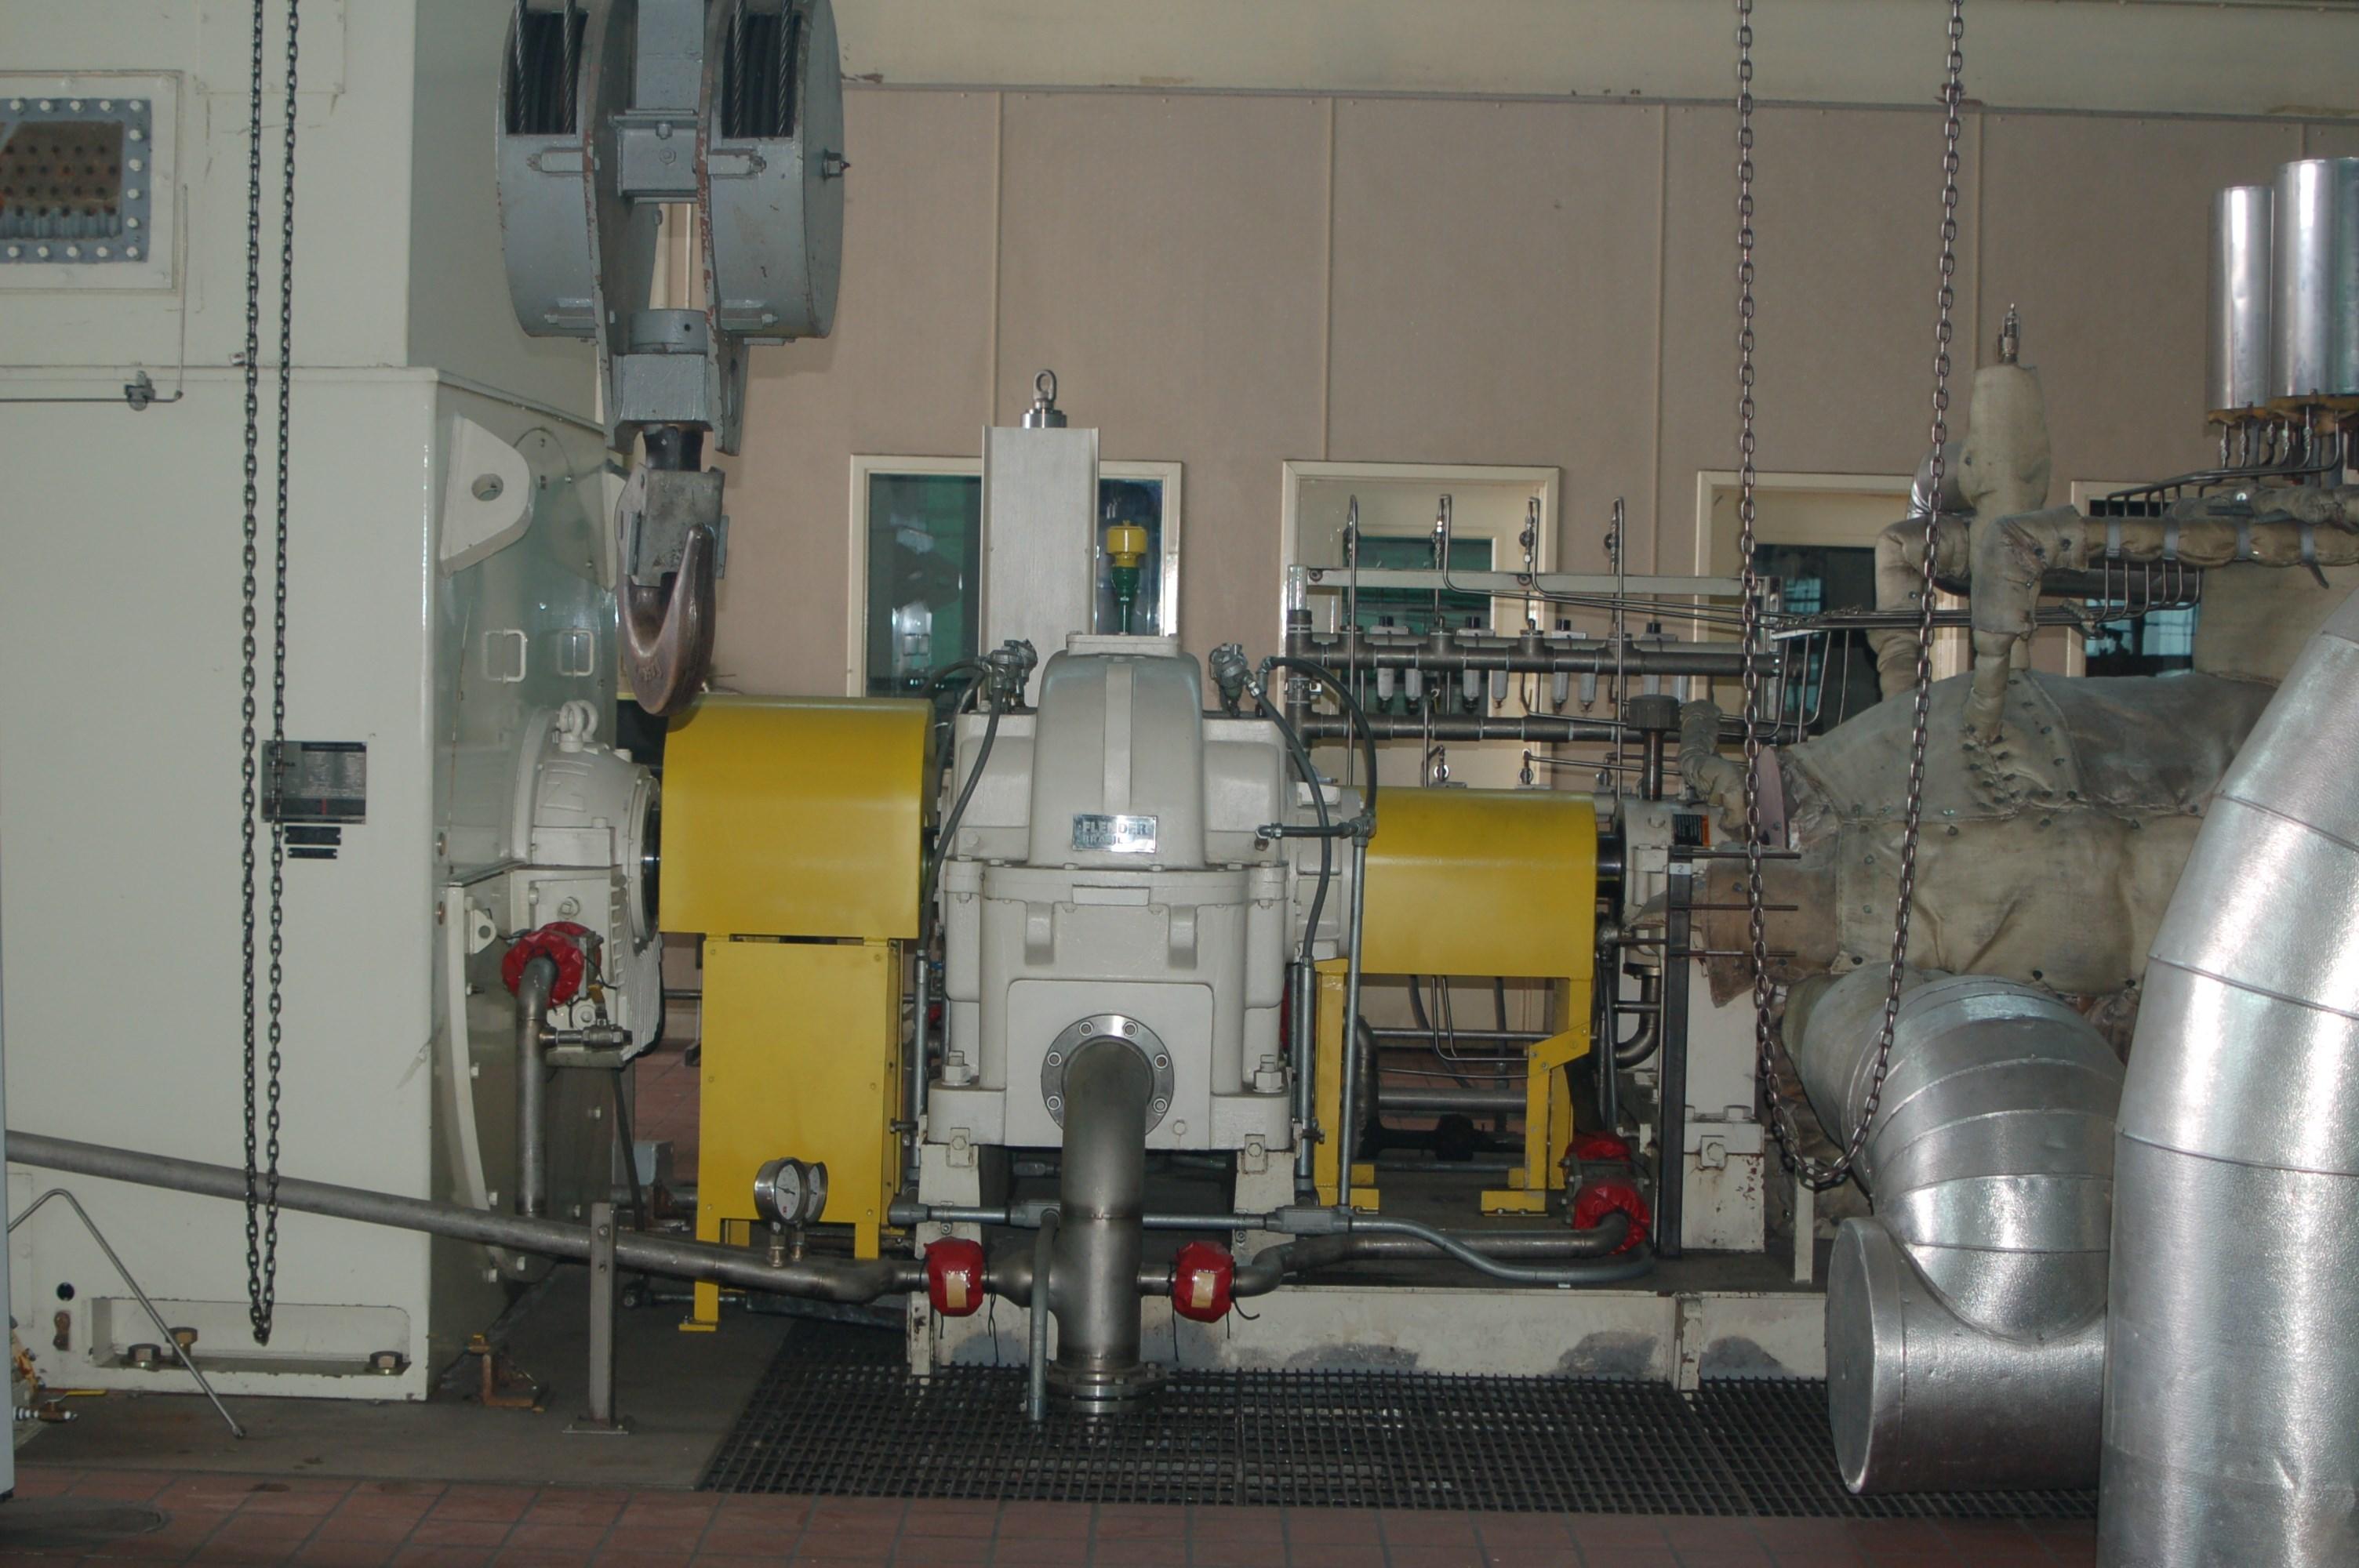 7 Mw Dresser Rand Steam Turbine Generator For At Phoenix